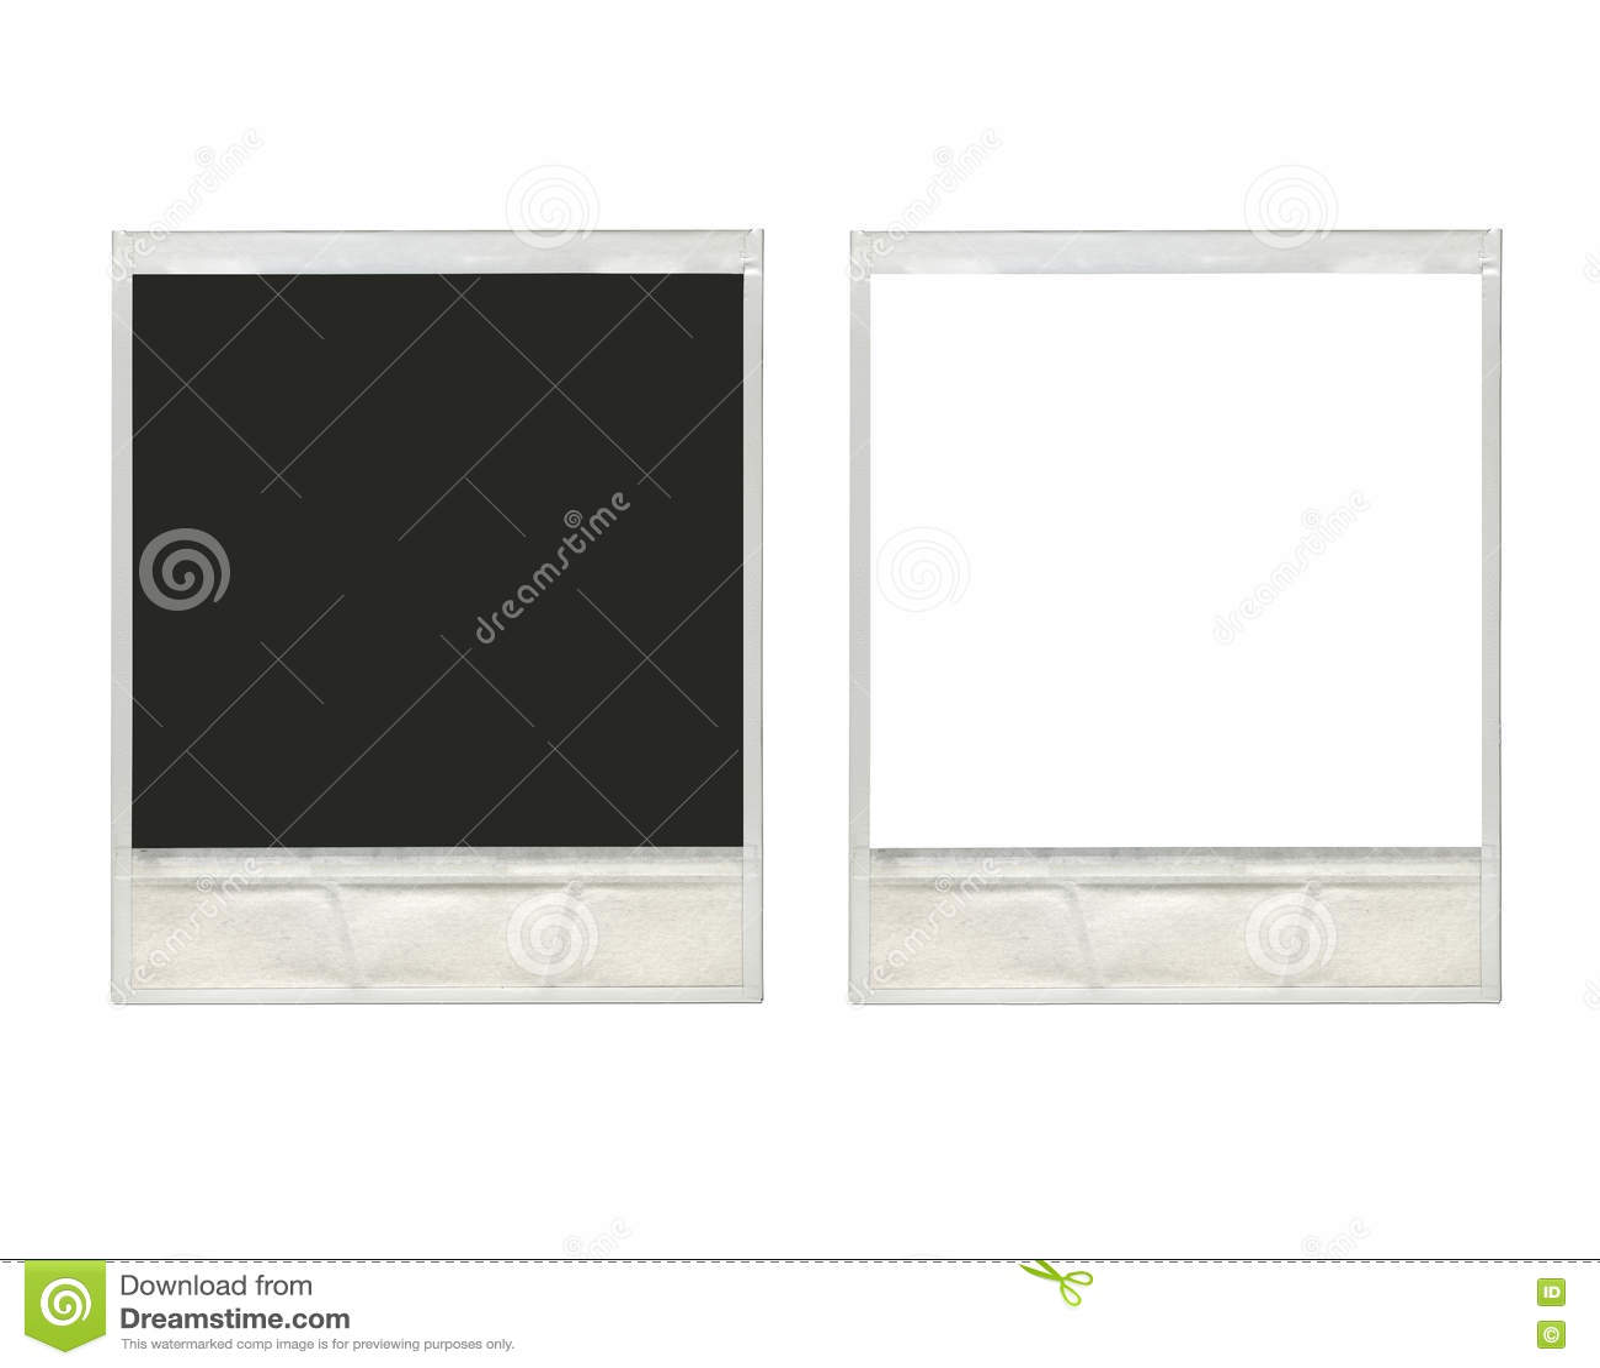 Two Vintage Instant Polaroid Photo Frames Stock Photo - Image of ...